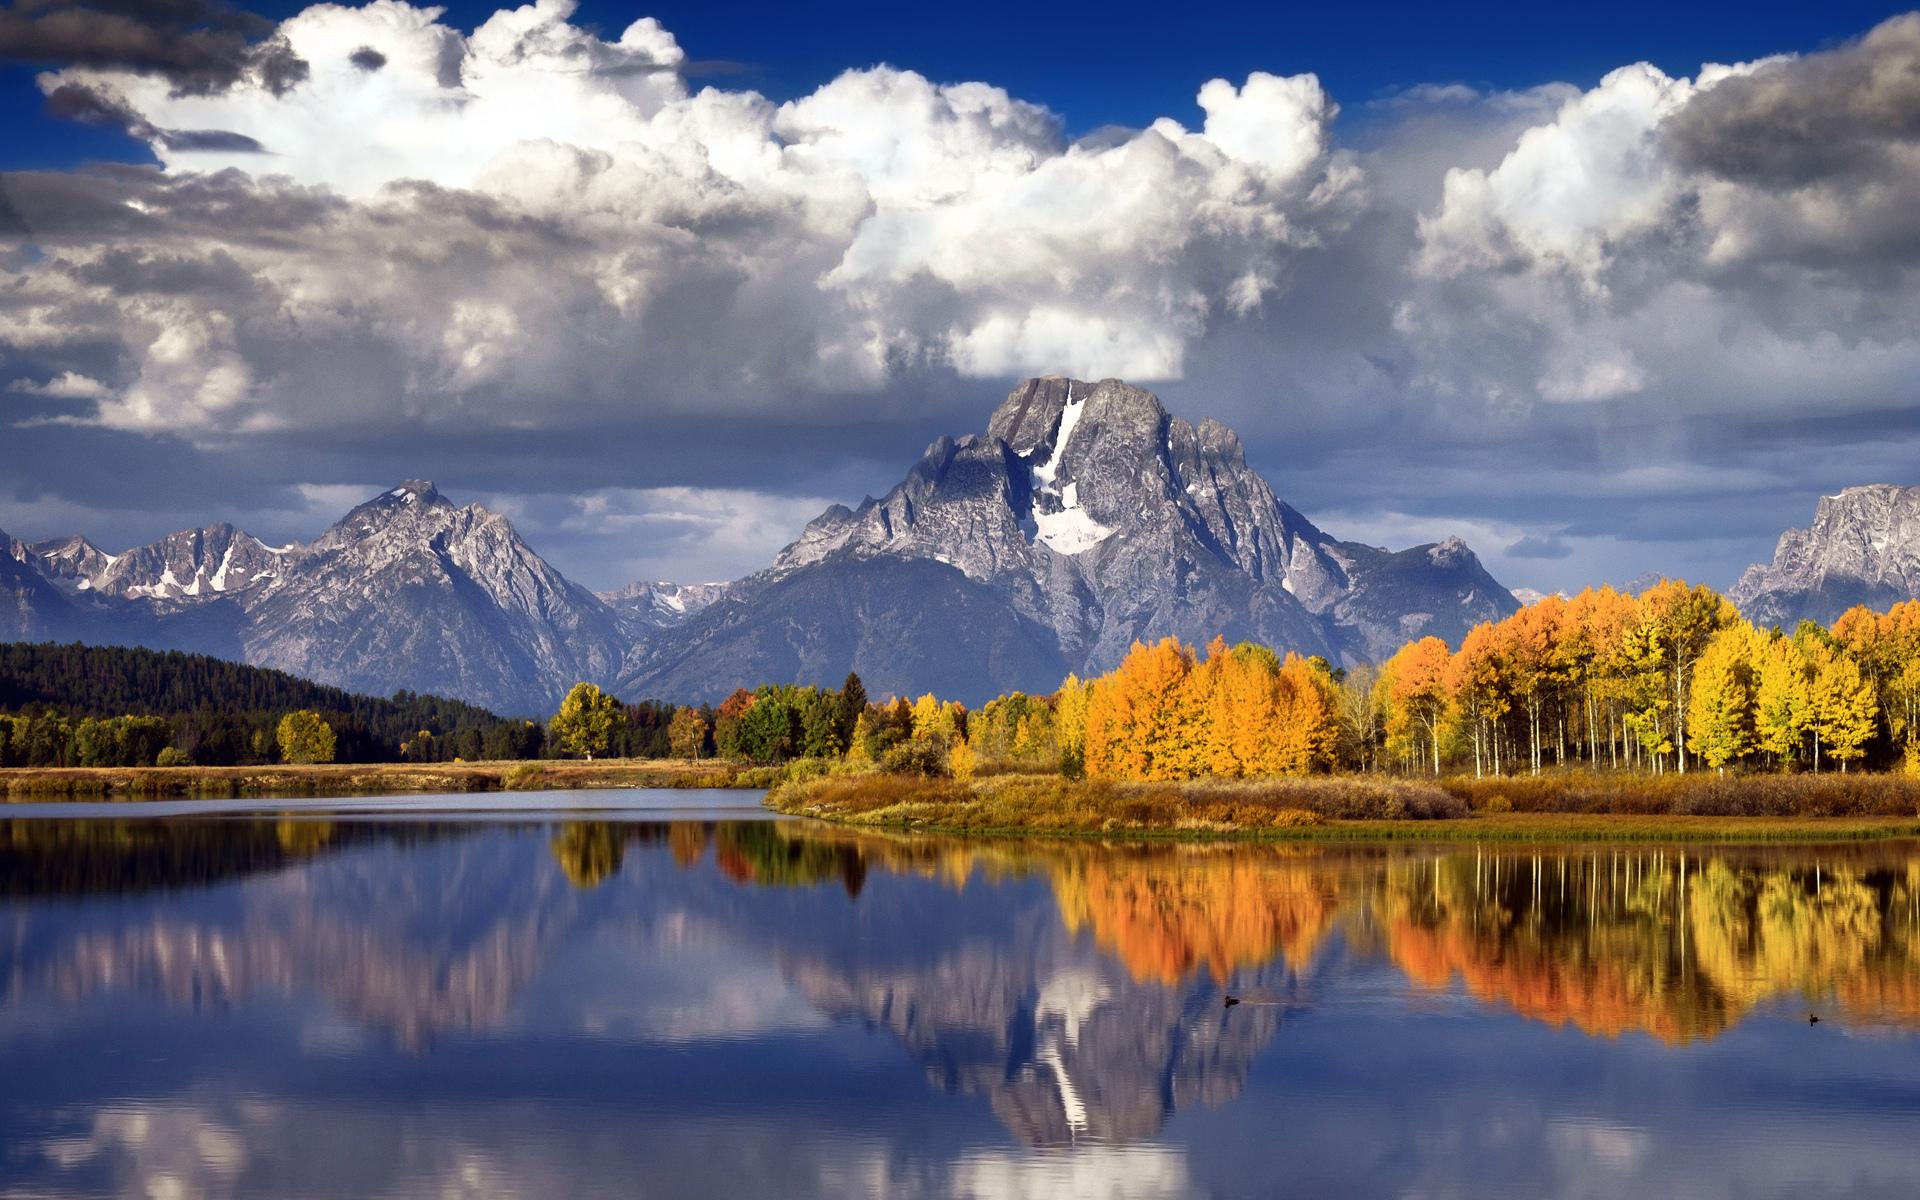 Обои рабочий стол красивая осень горы